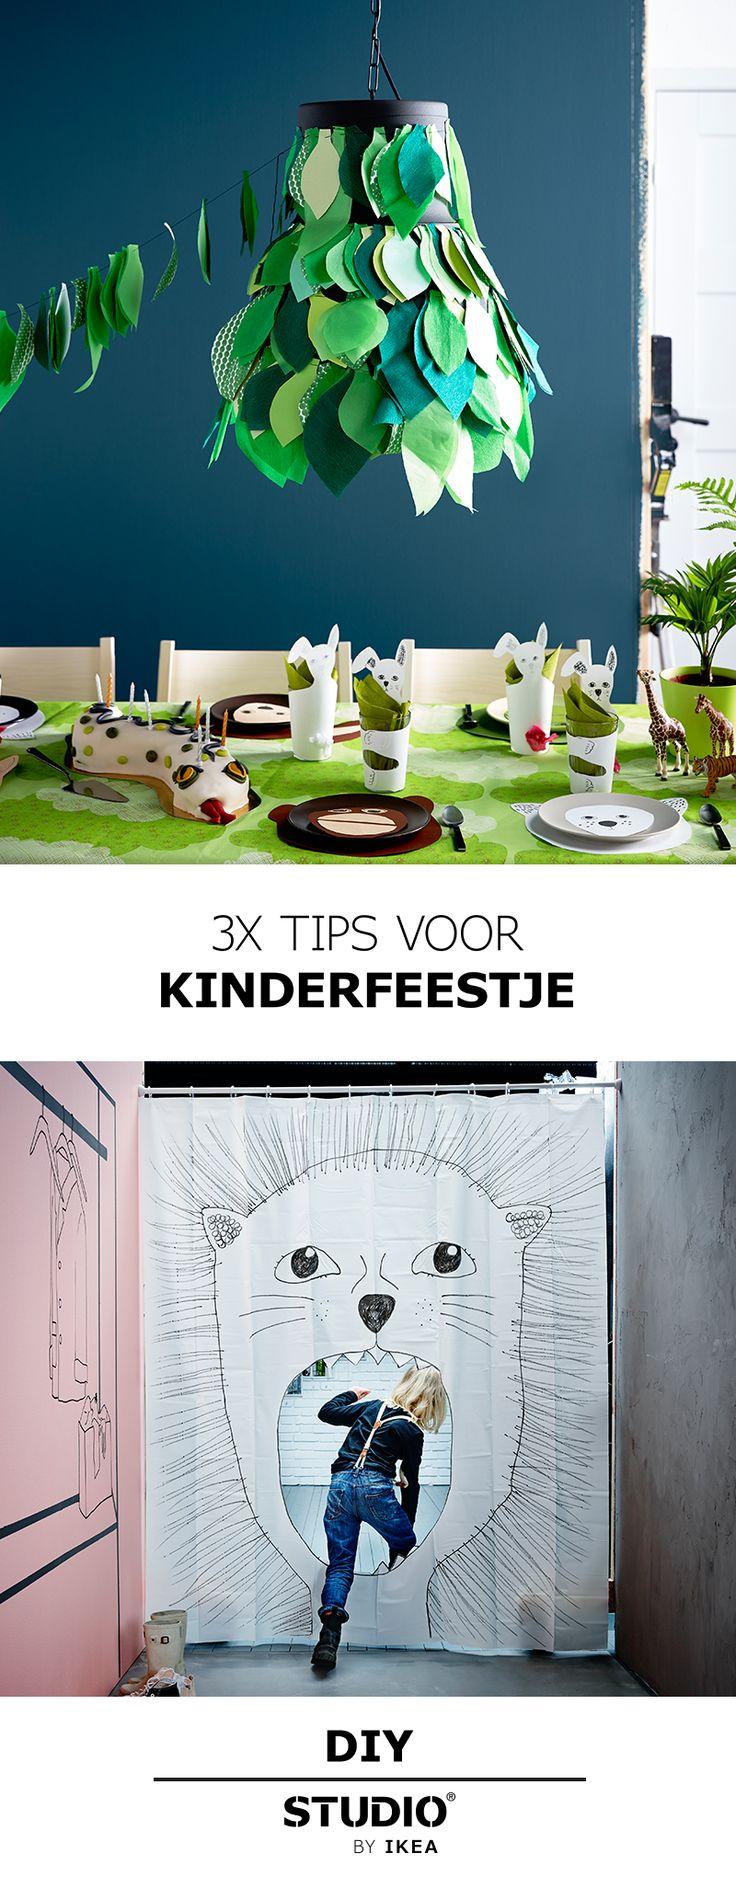 STUDIO by IKEA - 3x tips voor kinderfeestje   #STUDIObyIKEA #IKEA #IKEAnl #inspiratie #DIY #tips #verjaardag #kinderfeestje